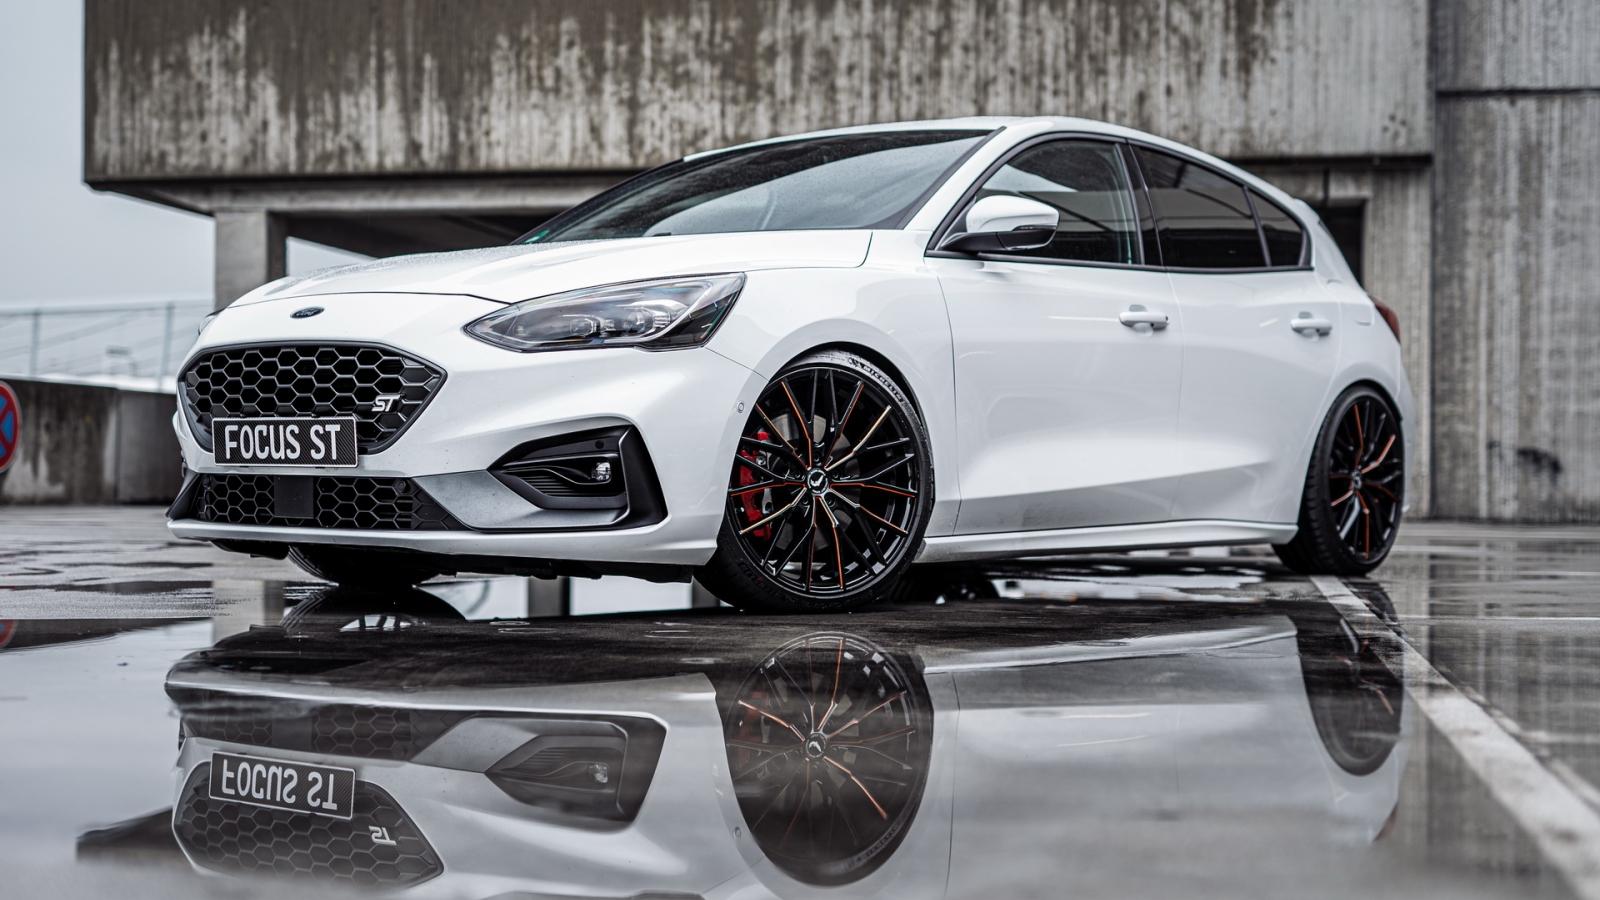 Ngắm nhìn phiên bản độ Ford Focus ST